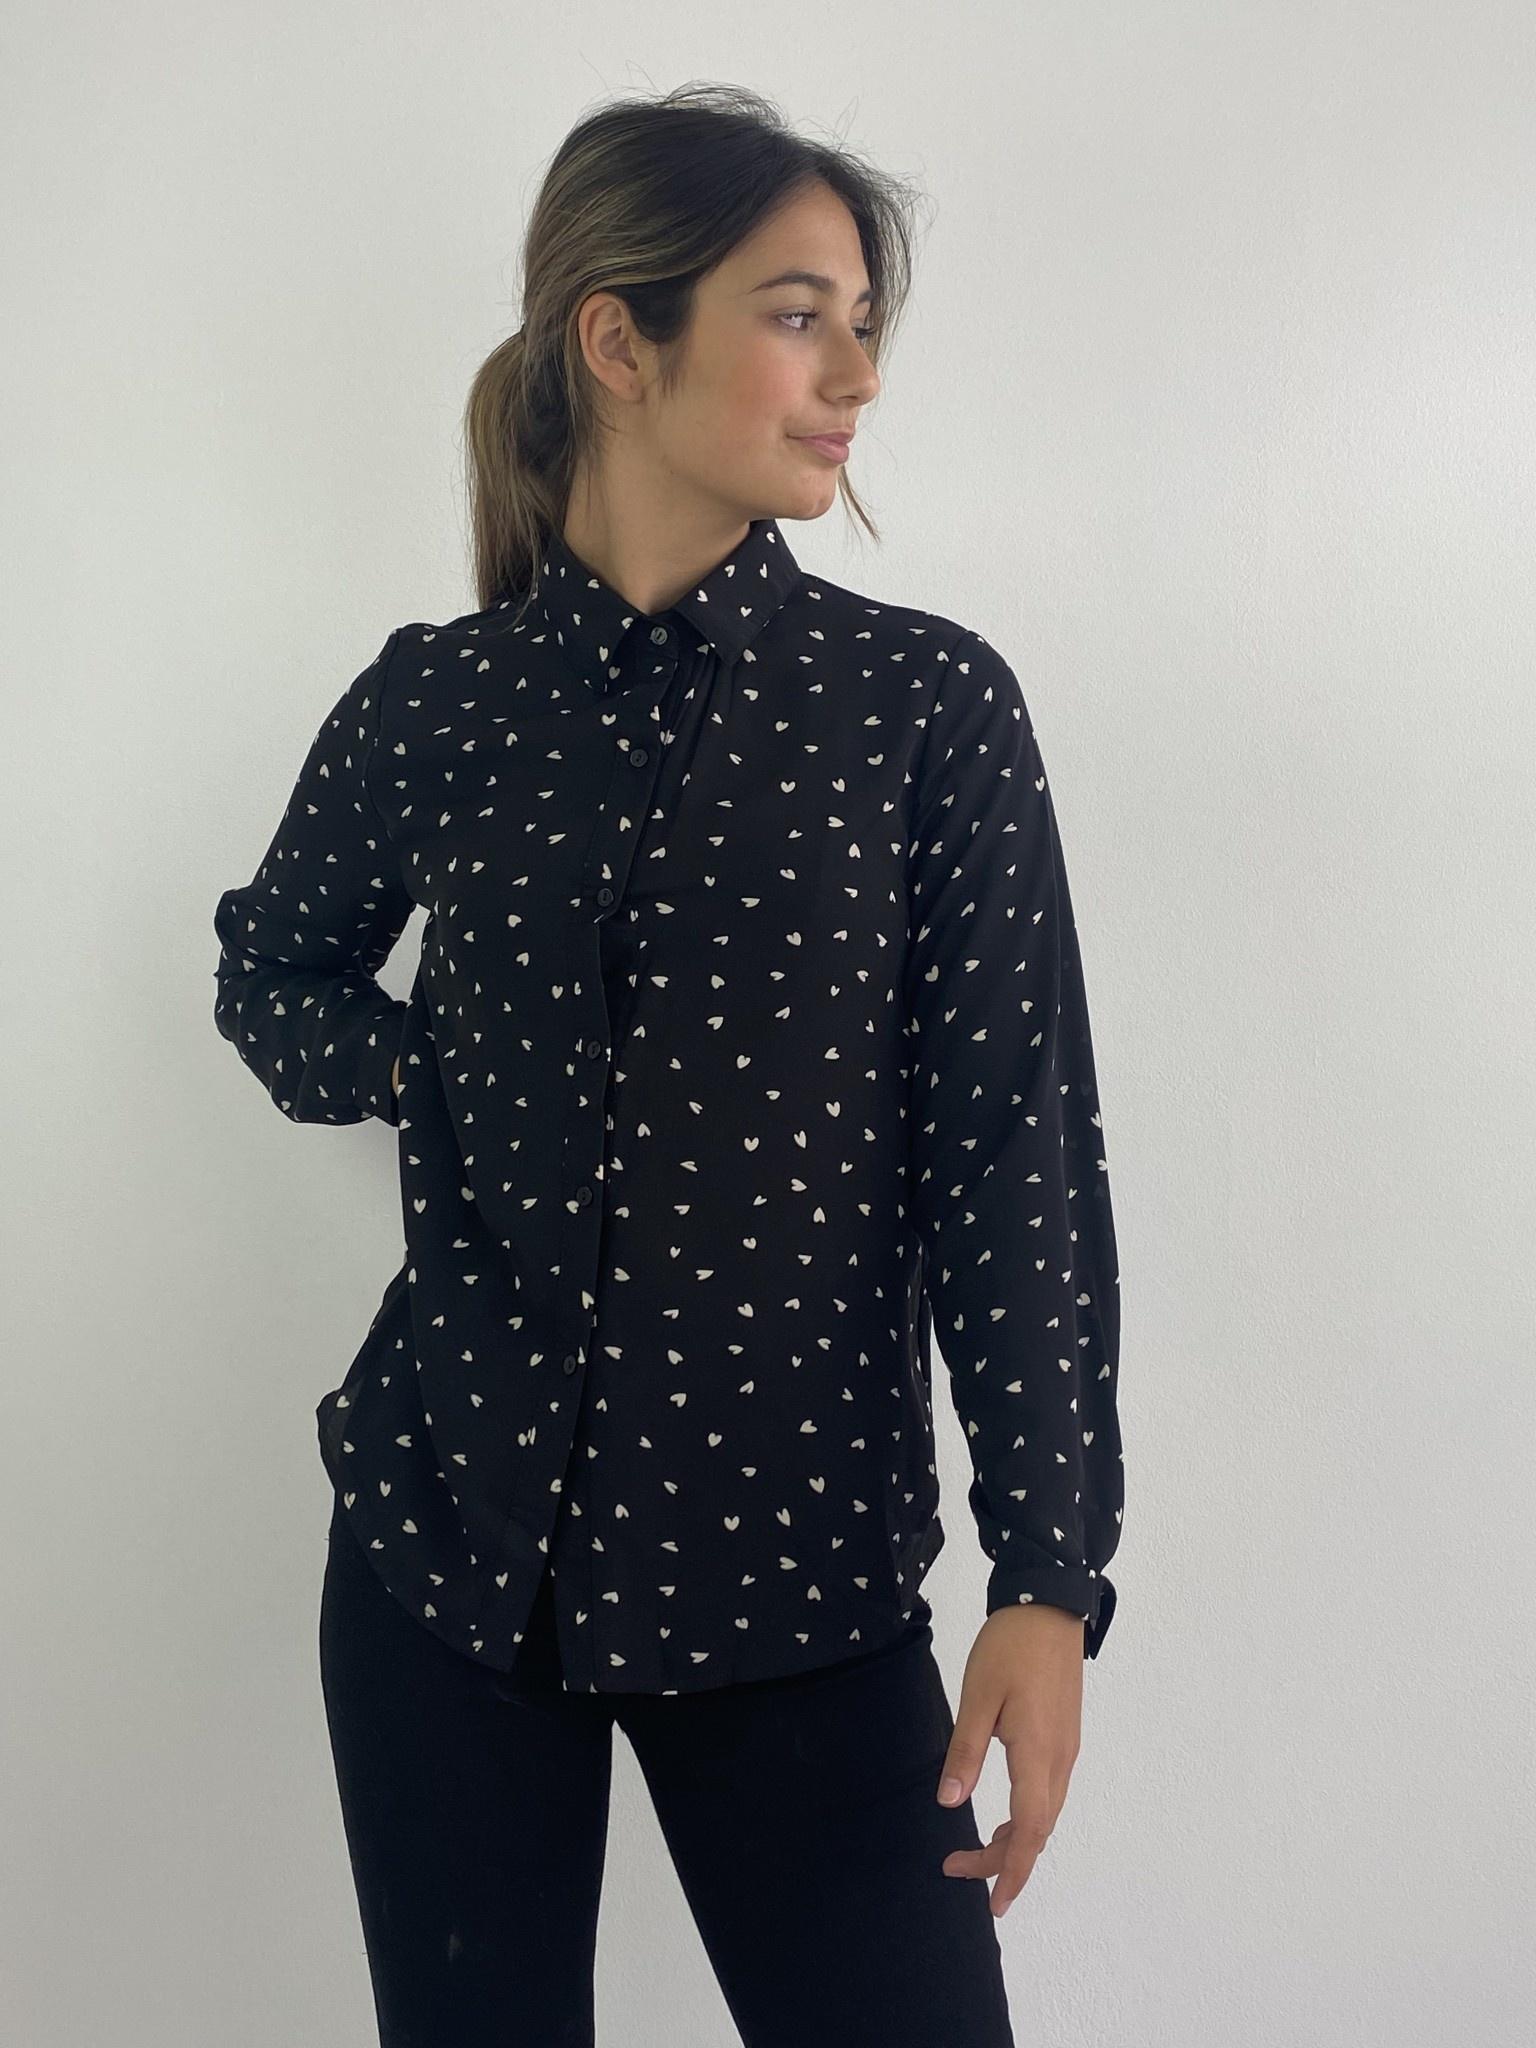 Loavi blouse Black-1